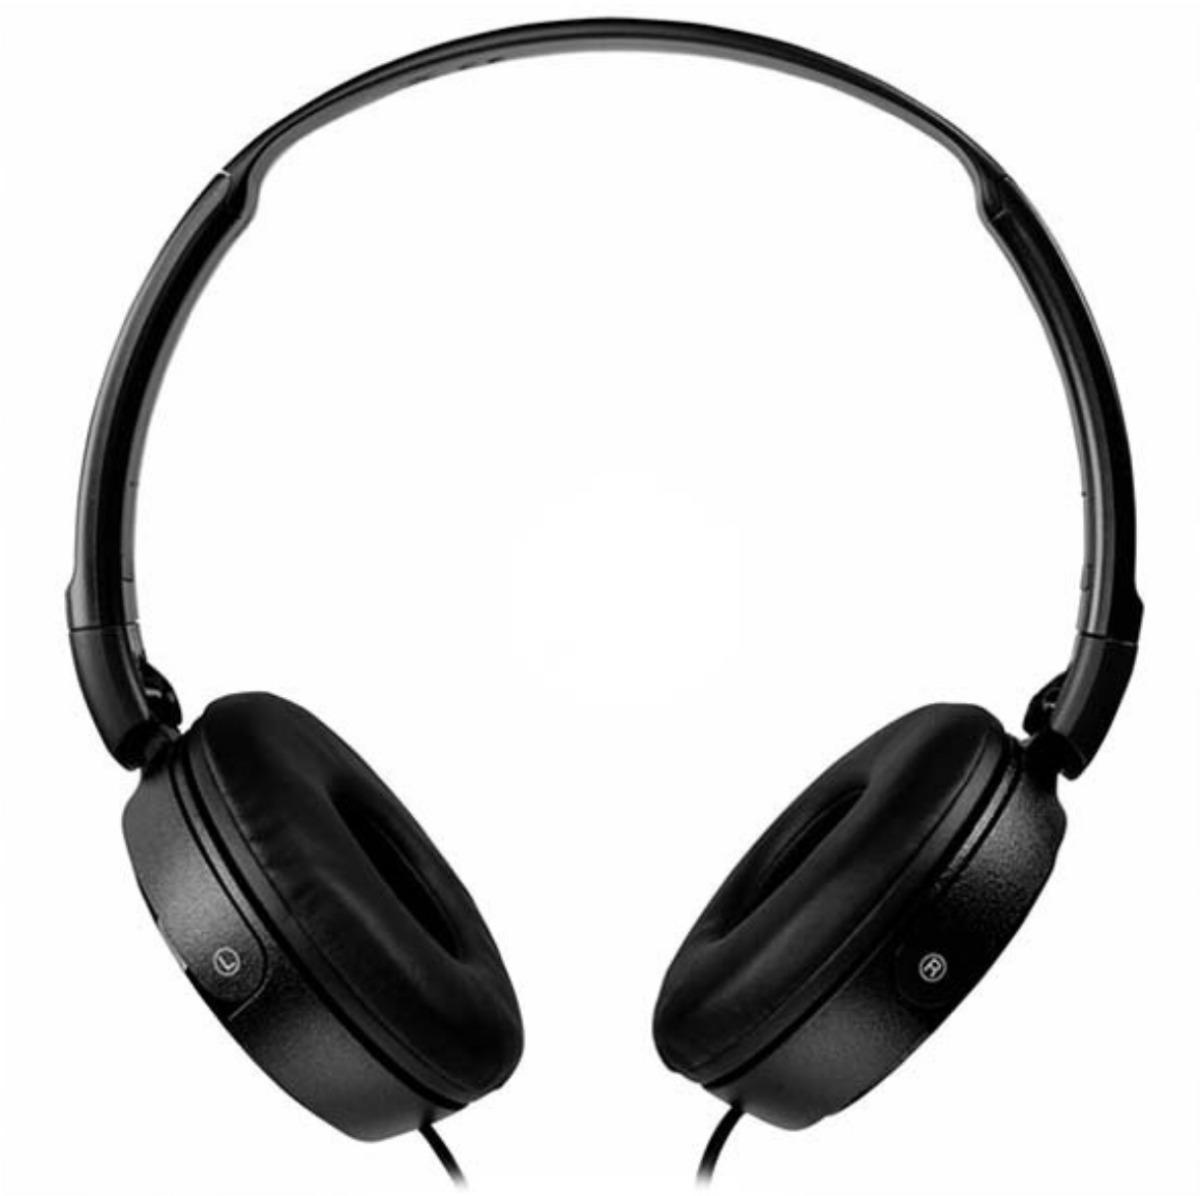 ff0873d92 FONE DE OUVIDO COM MICROFONE SONY MDR-ZX310AP PRETO - Media Tools ...